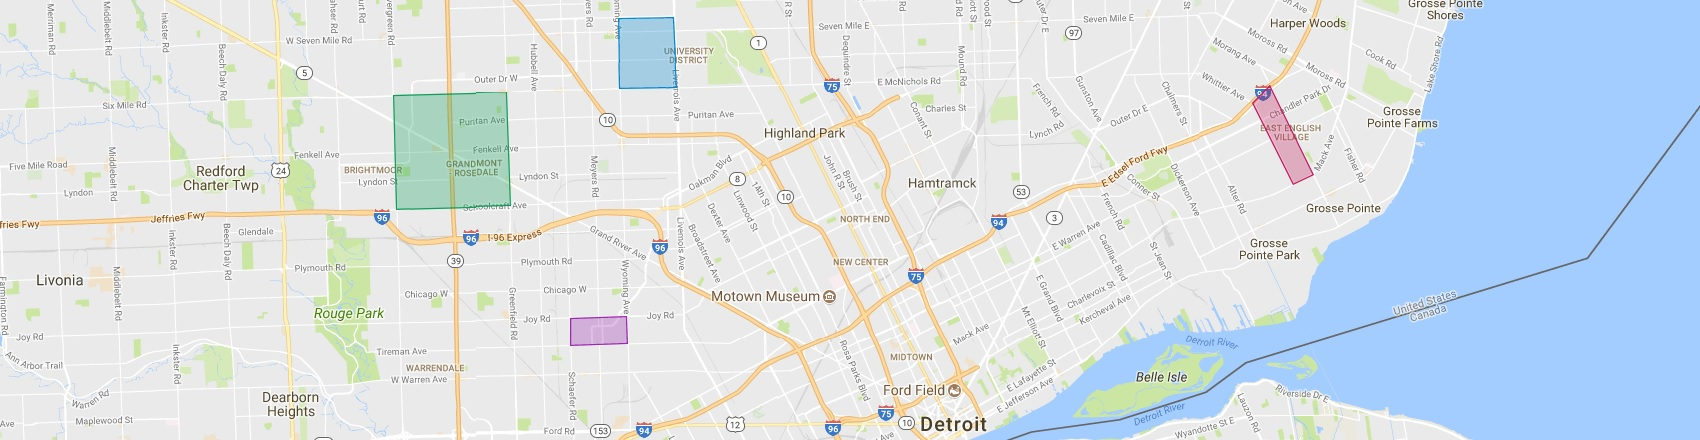 Detroit Neighborhoods | US Investor Group on detroit development, detroit seafood market, detroit construction, detroit hood, detroit at night, detroit fist, detroit parks, detroit michigan neighborhoods, detroit ghetto people, detroit neighborhoods in the sixties, detroit neighborhoods to avoid, detroit city limits, baltimore ghetto map, detroit wasteland, detroit 1970s, detroit international riverfront, detroit cass technical high school, detroit potholes, detroit crime stats,